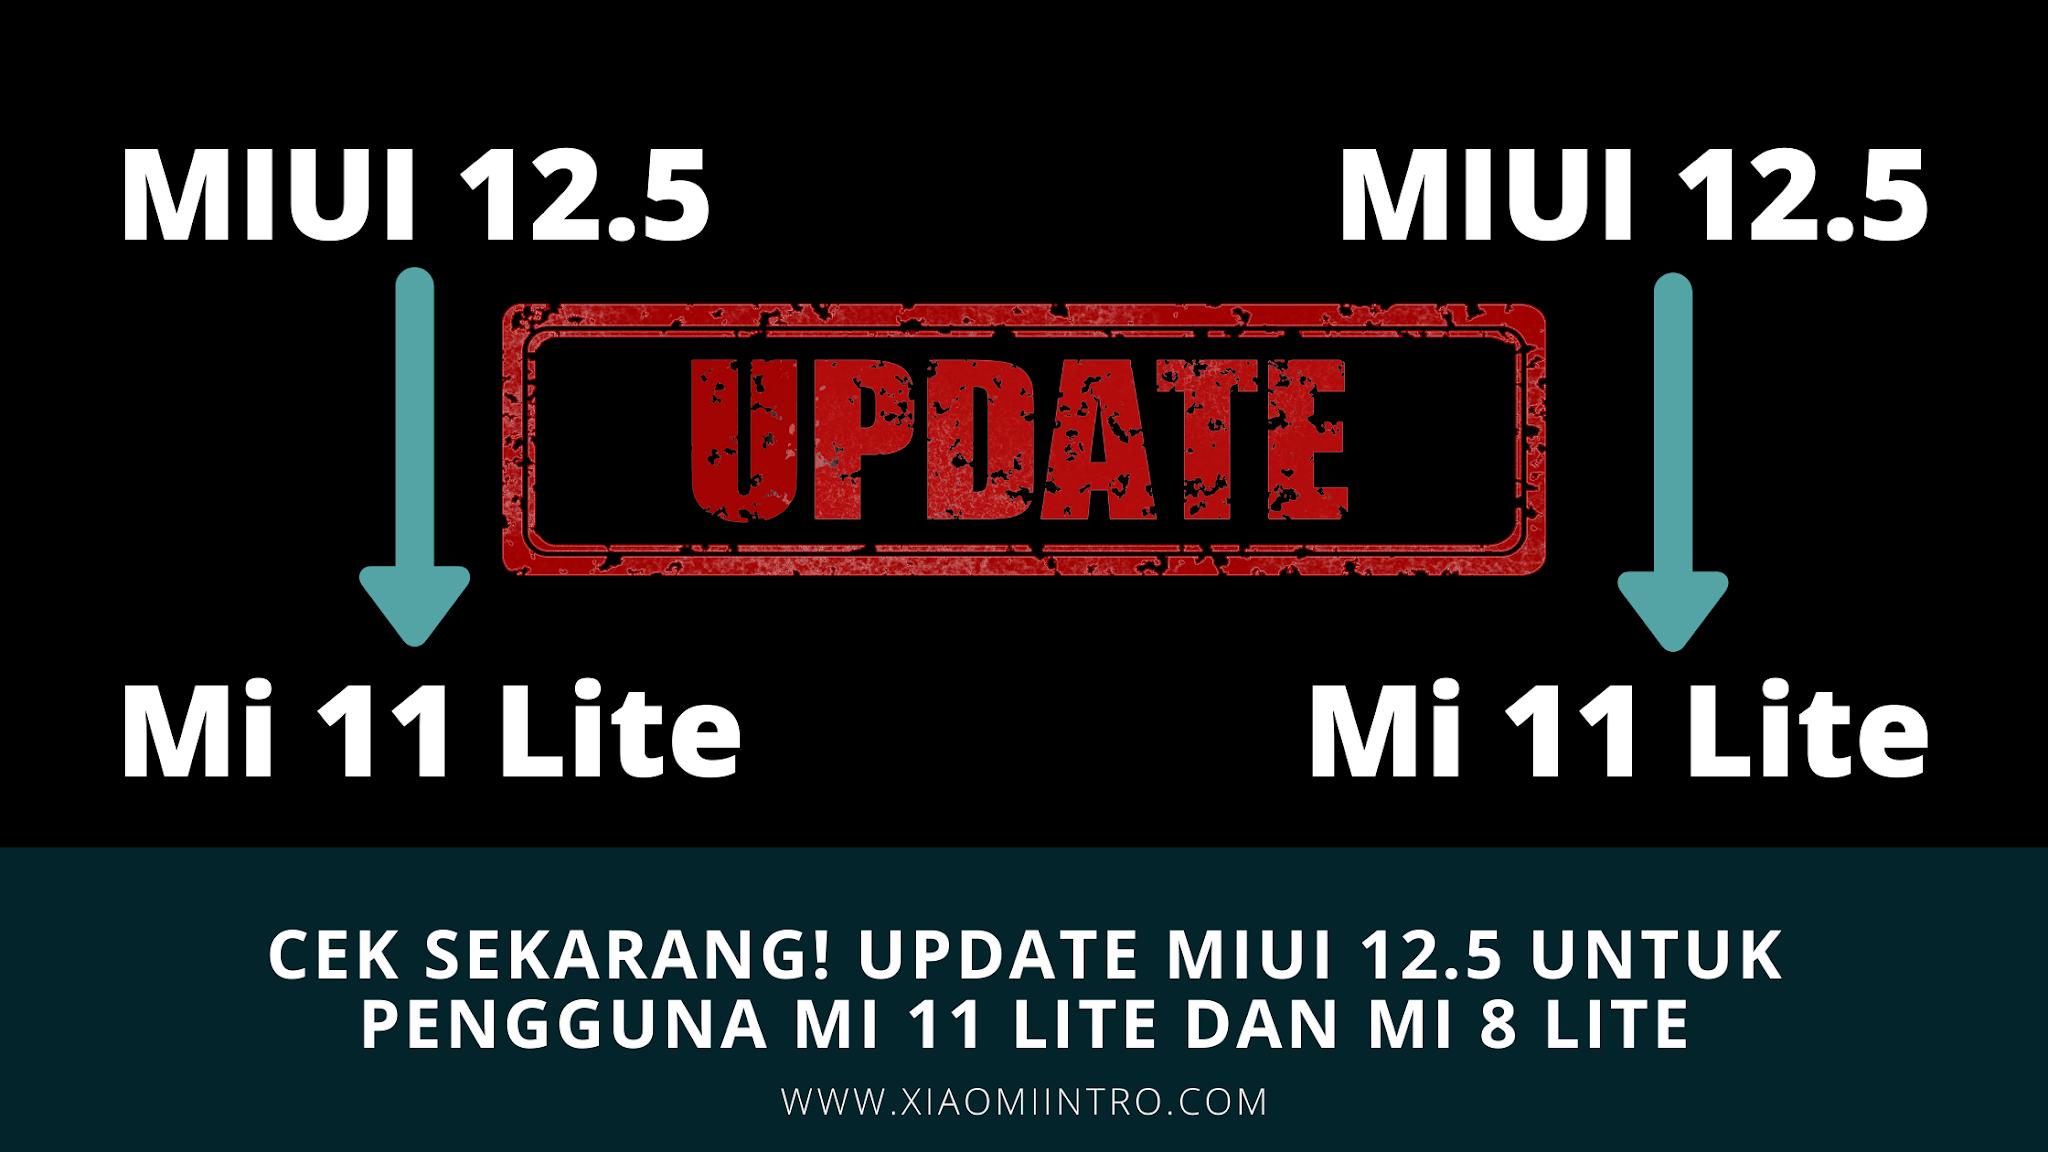 Cek Sekarang! Update MIUI 12.5 Untuk Pengguna Mi 11 Lite Dan Mi 8 Lite